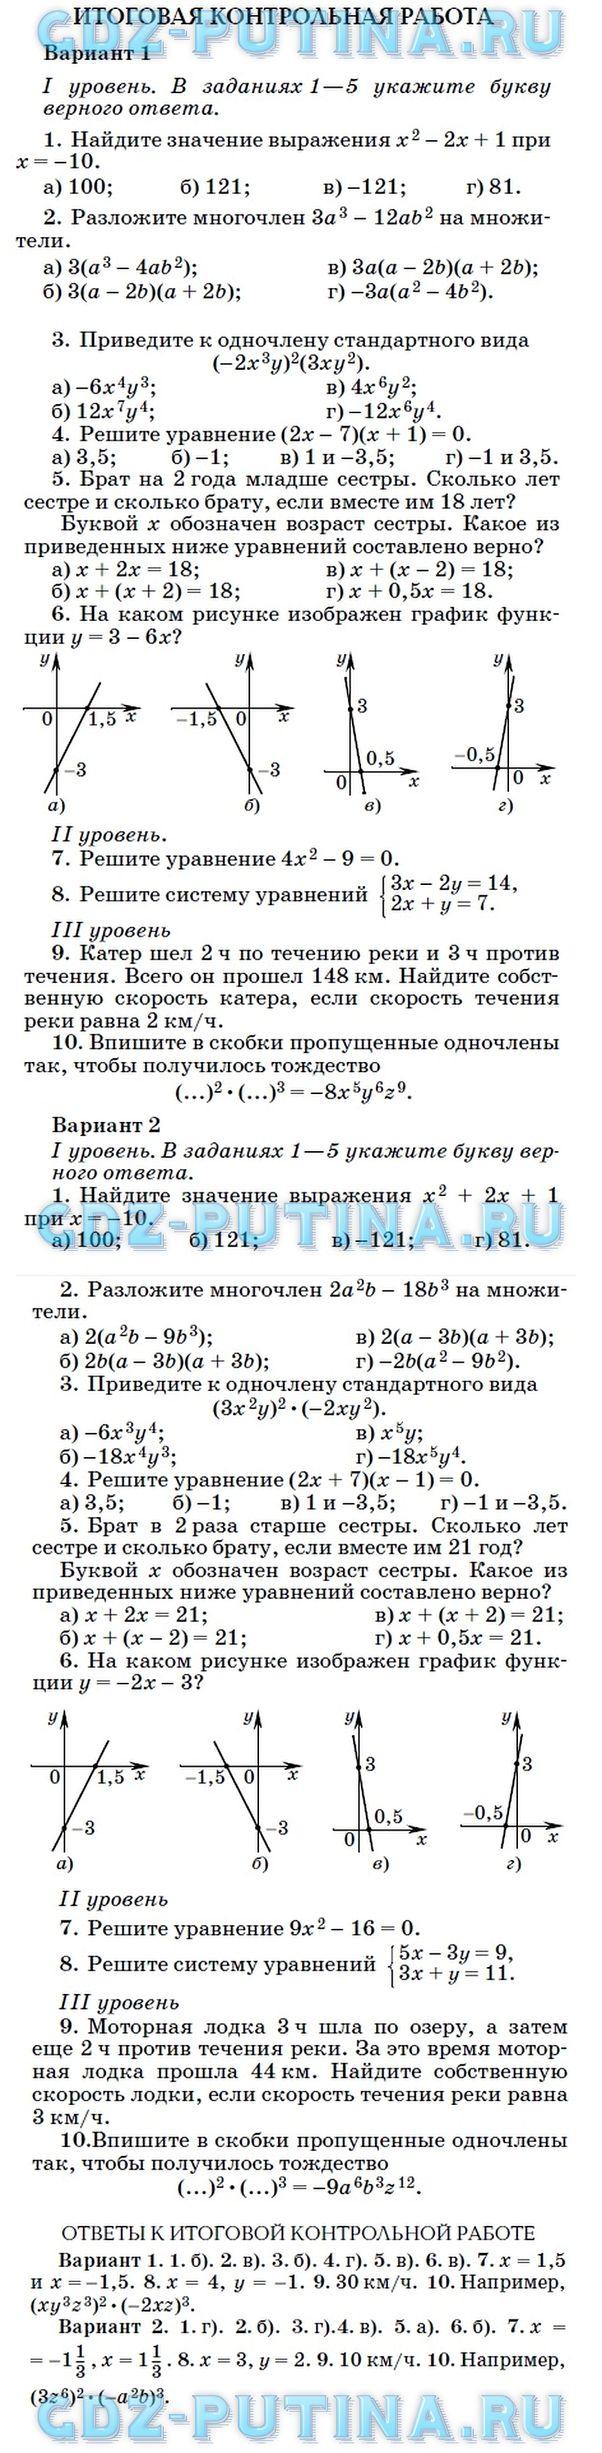 ГДЗ решебник по алгебре класс Муравин Муравин Муравина Итоговая контрольная работа